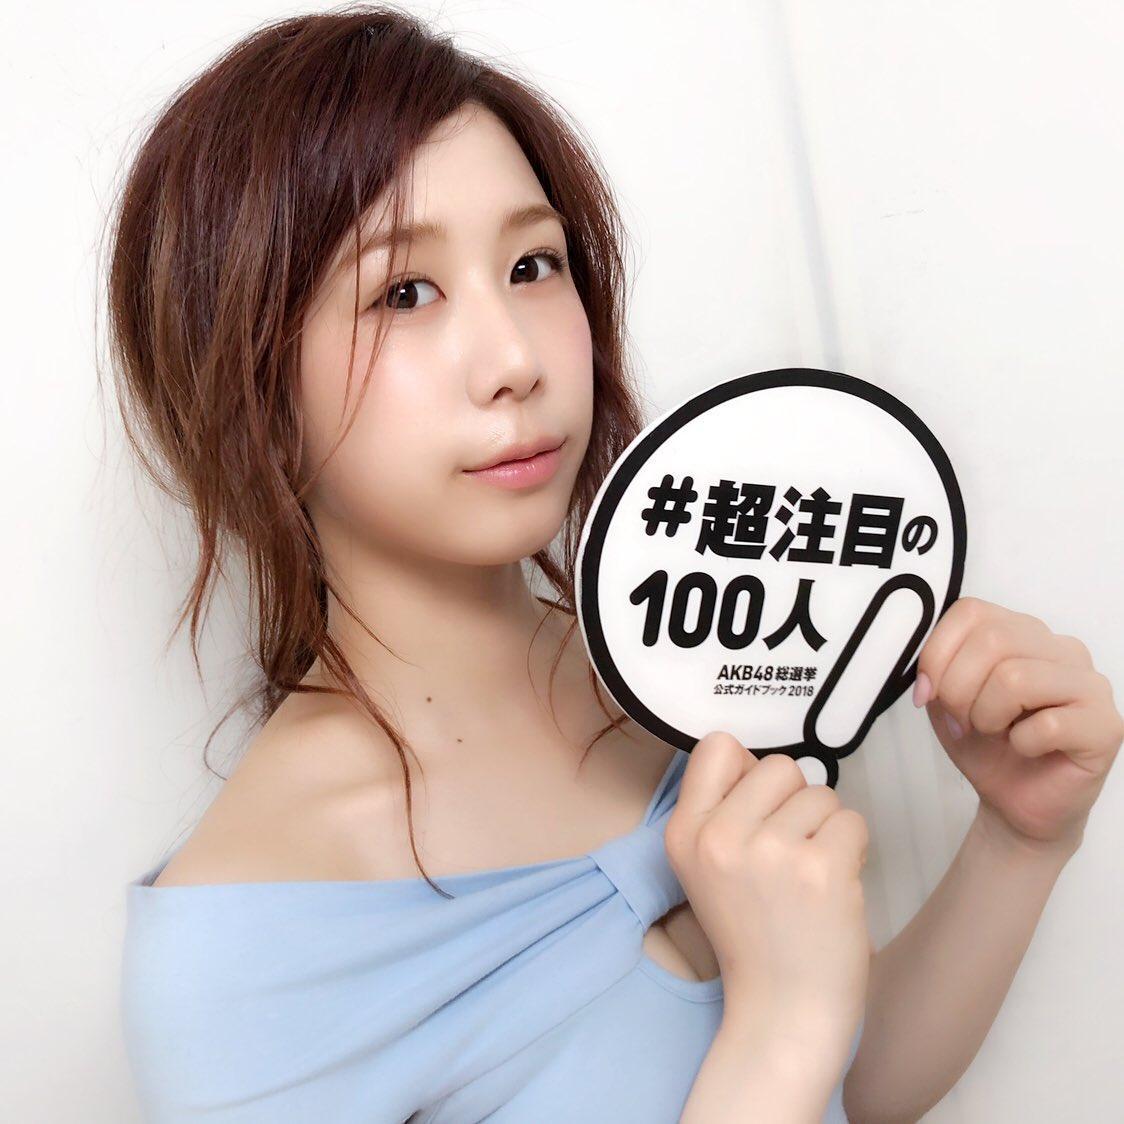 #超注目の100人のカードを持っている大家志津香の画像